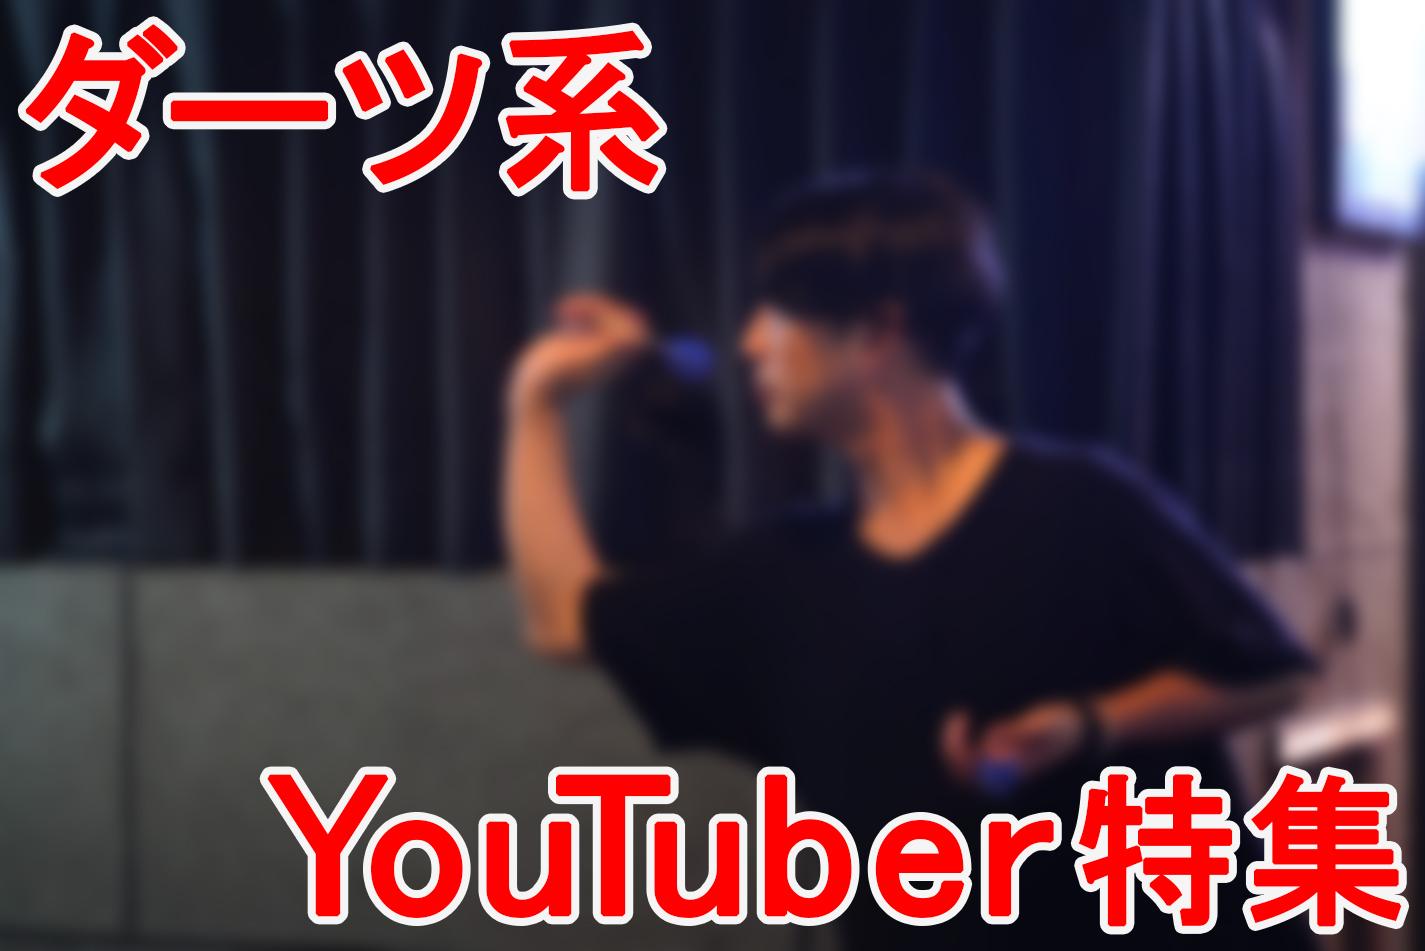 ダーツ系YouTuber特集!